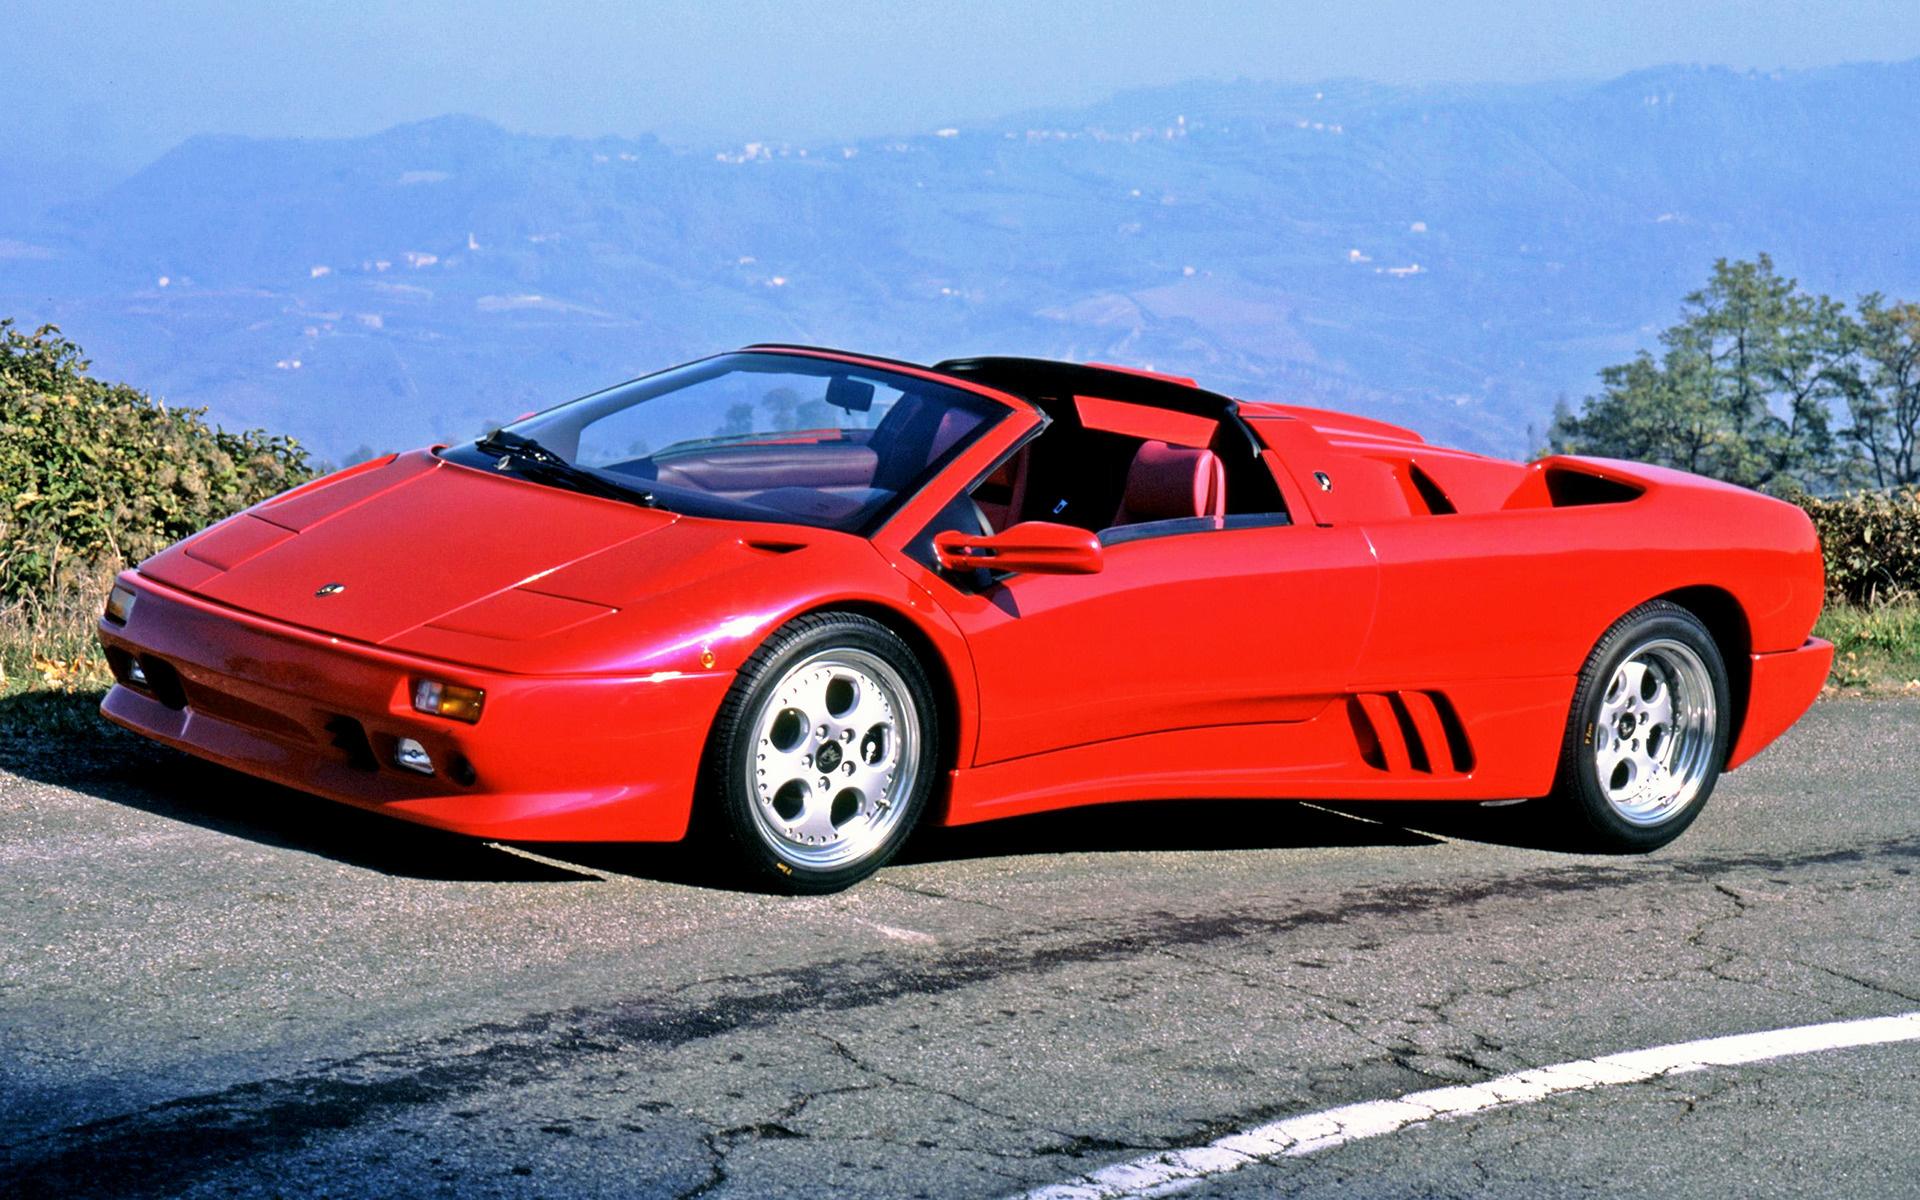 Lamborghini Diablo Vt Roadster 1995 Wallpapers And Hd Images Car Pixel